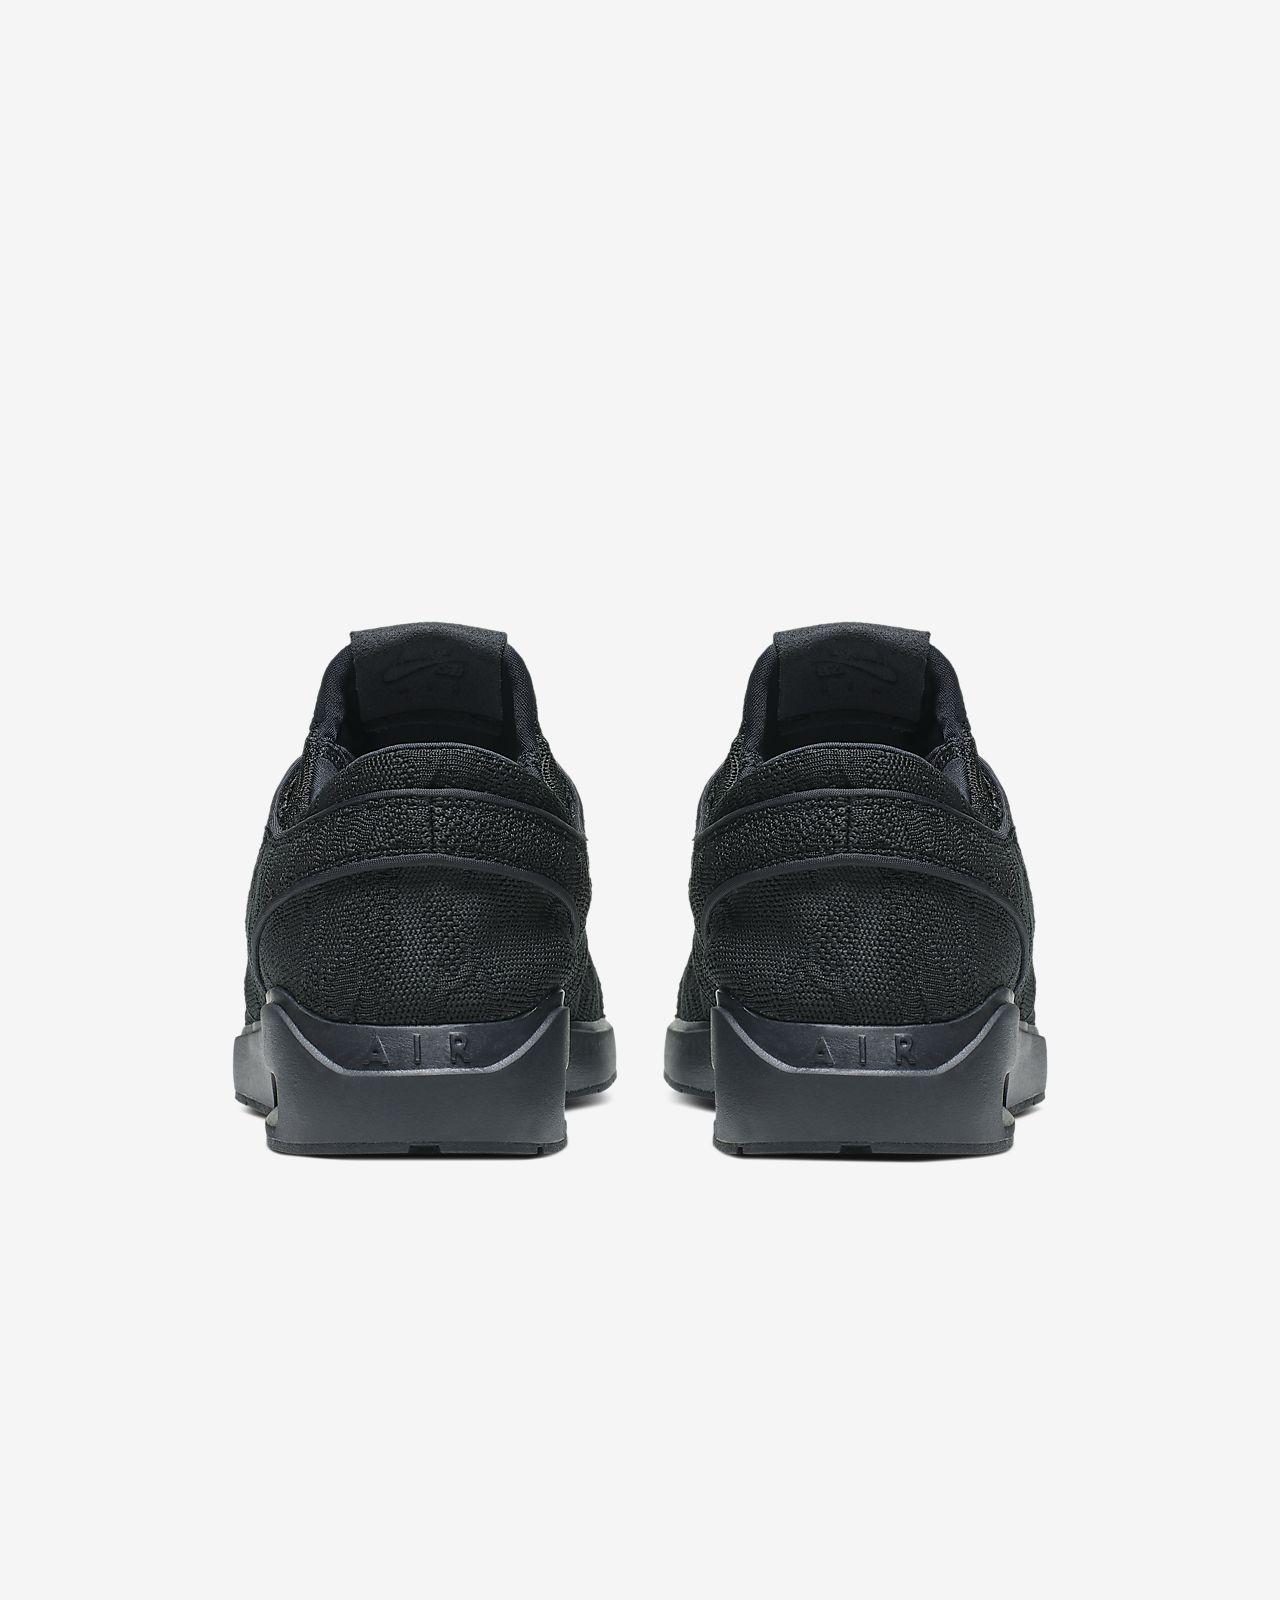 Męskie buty do skateboardingu Nike SB Air Max Stefan Janoski 2